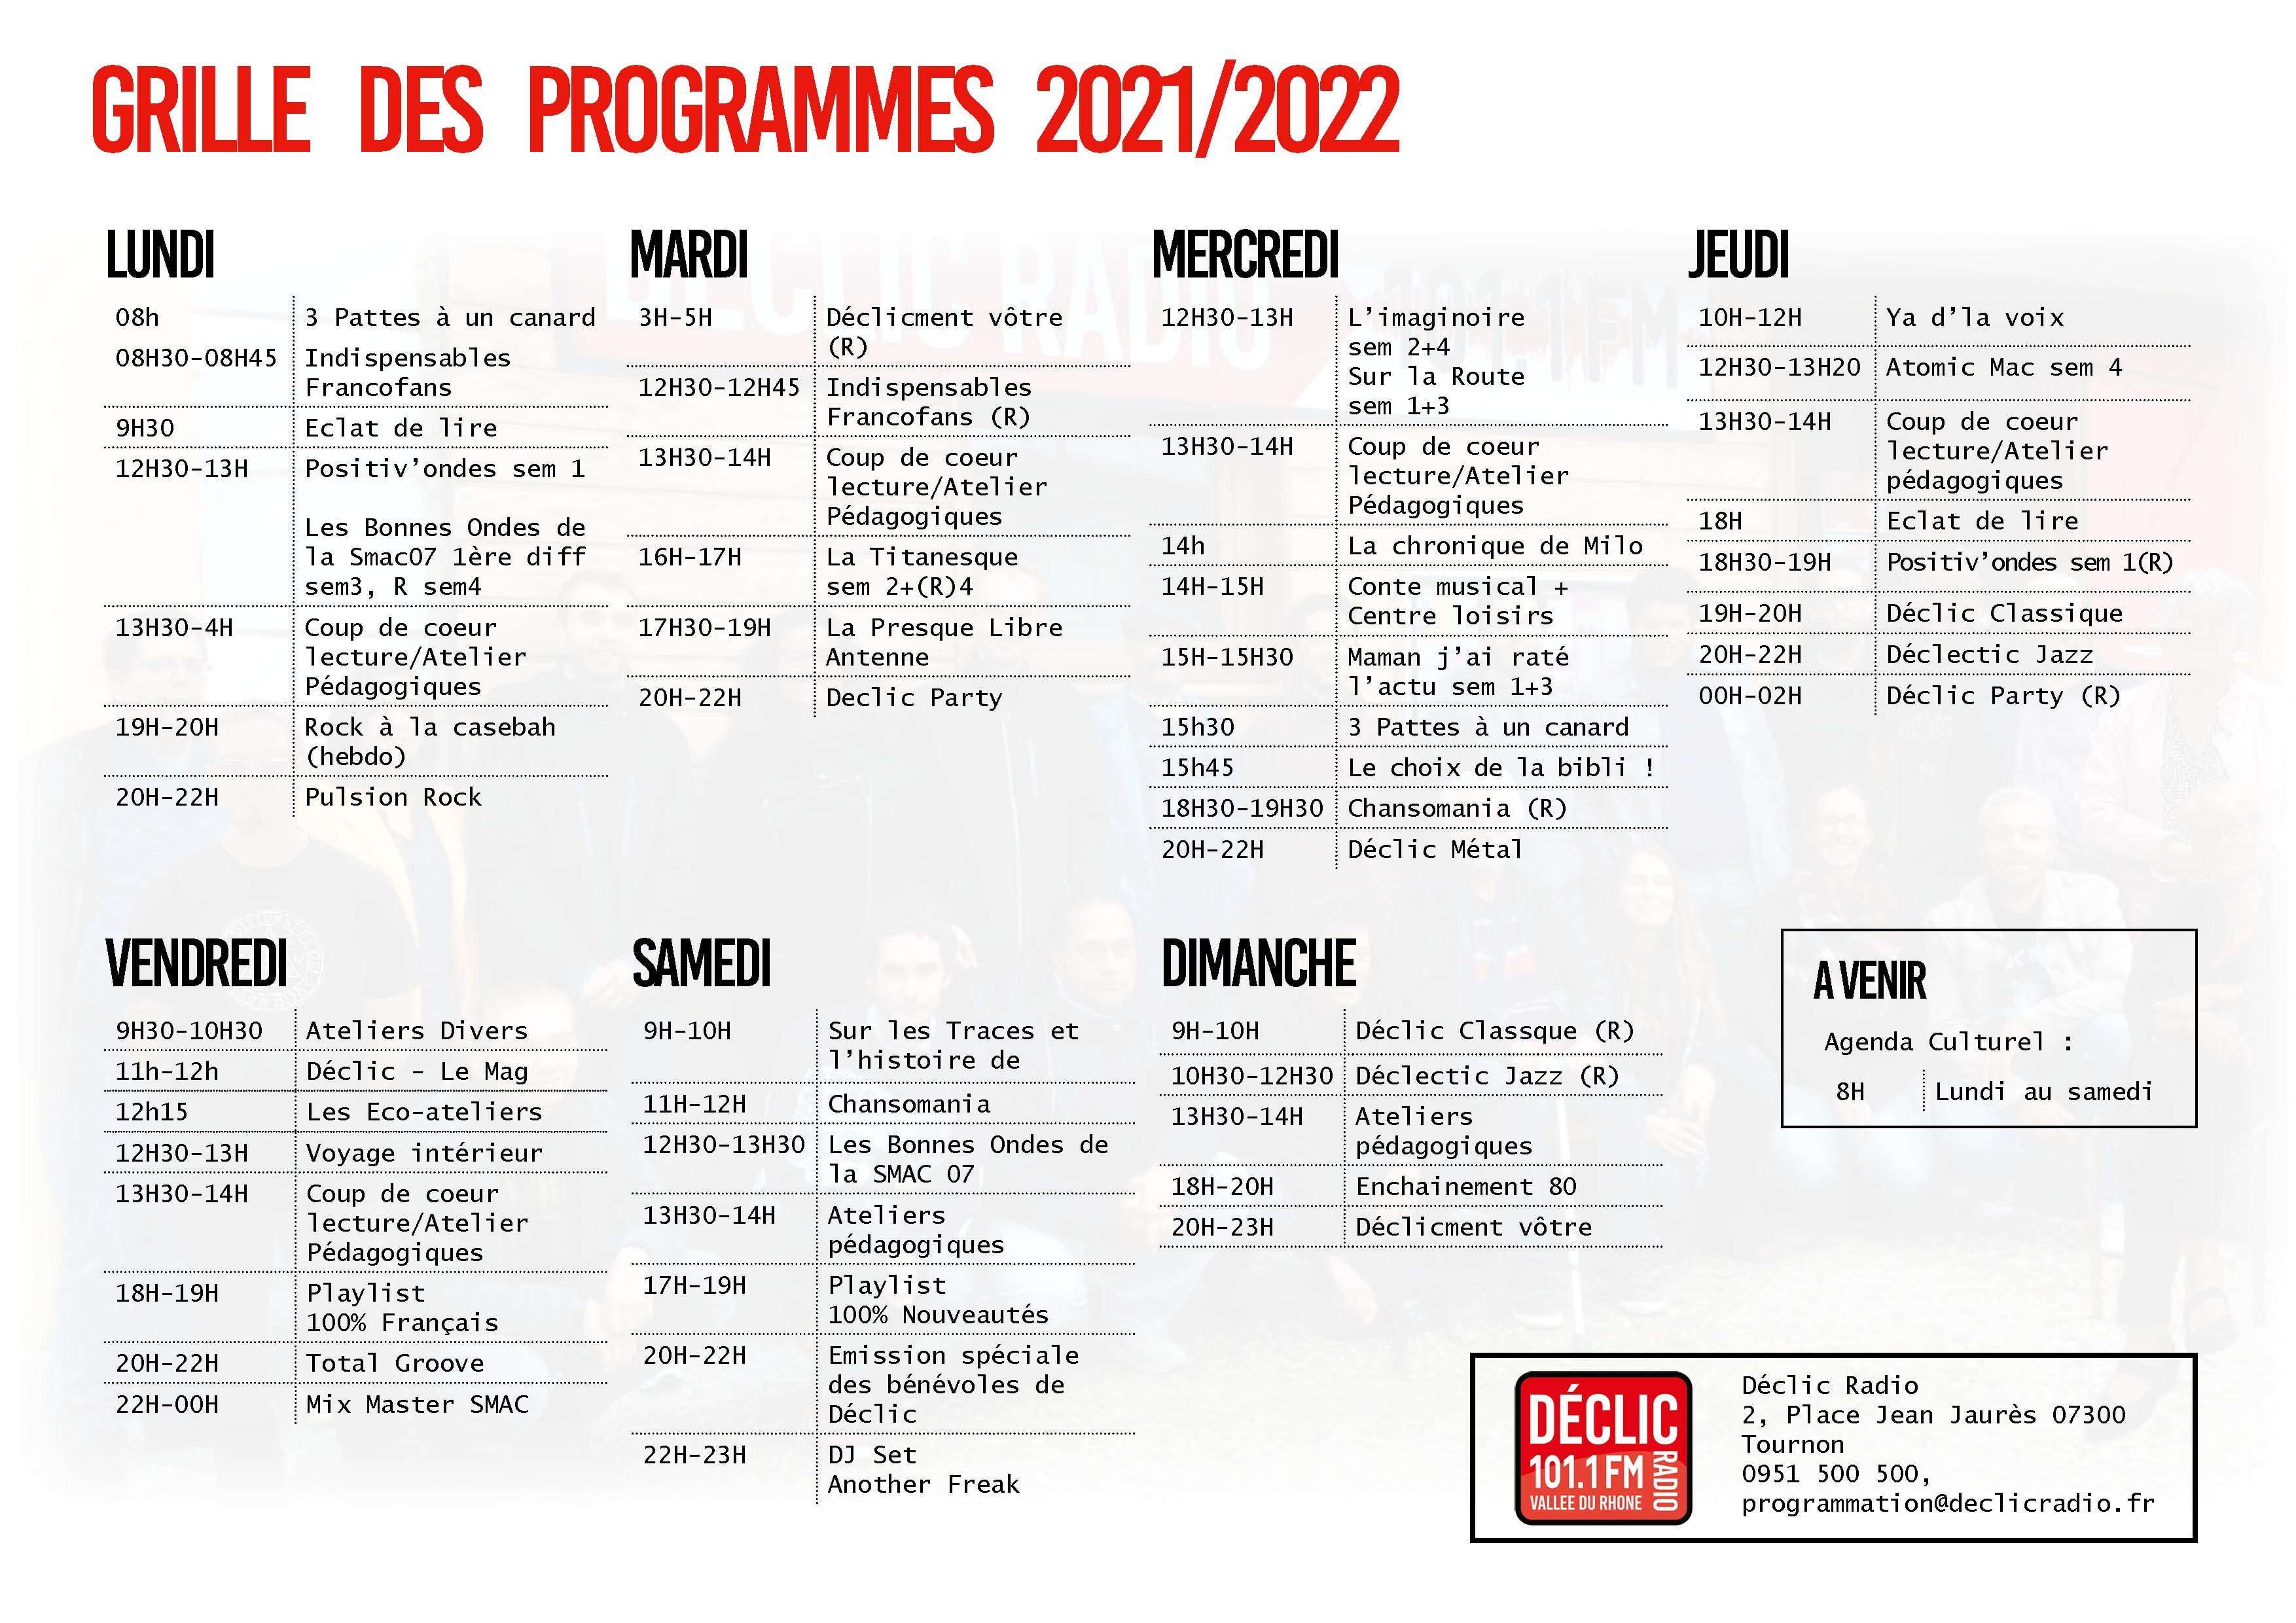 Déclic Radio Grille des programmes 20212022